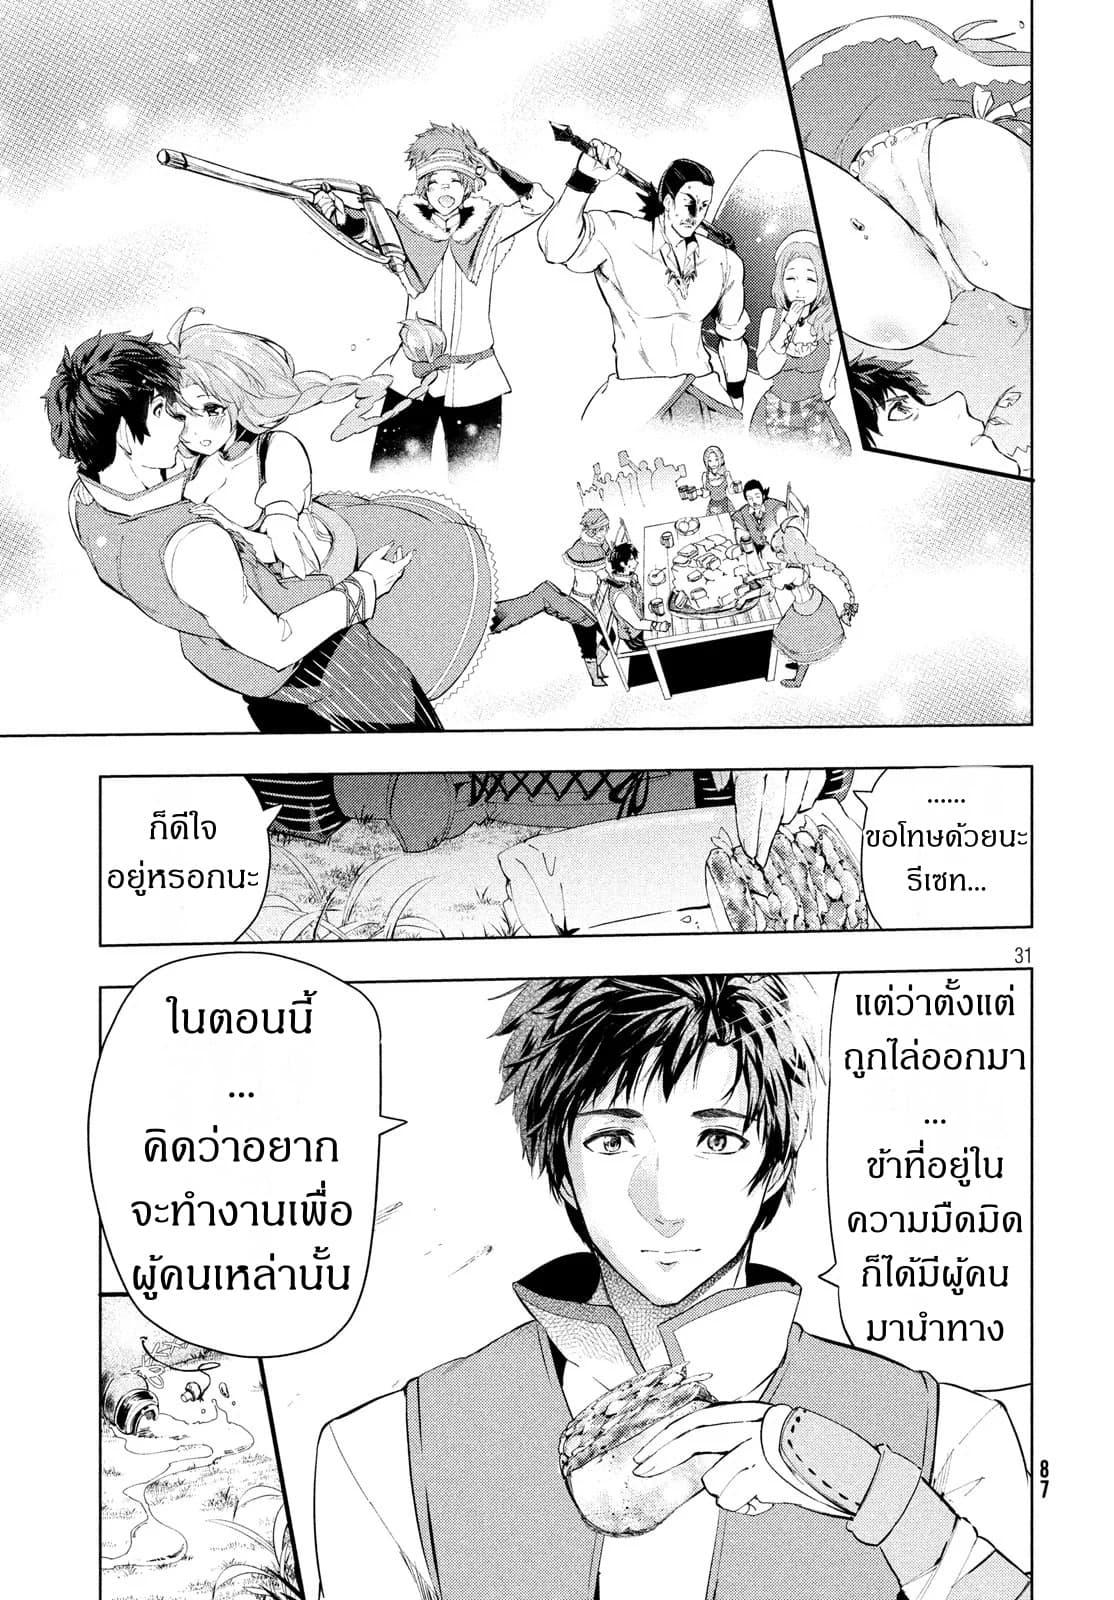 อ่านการ์ตูน Kaiko sareta Ankoku Heishi (30-dai) no Slow na Second ตอนที่ 8.2 หน้าที่ 11